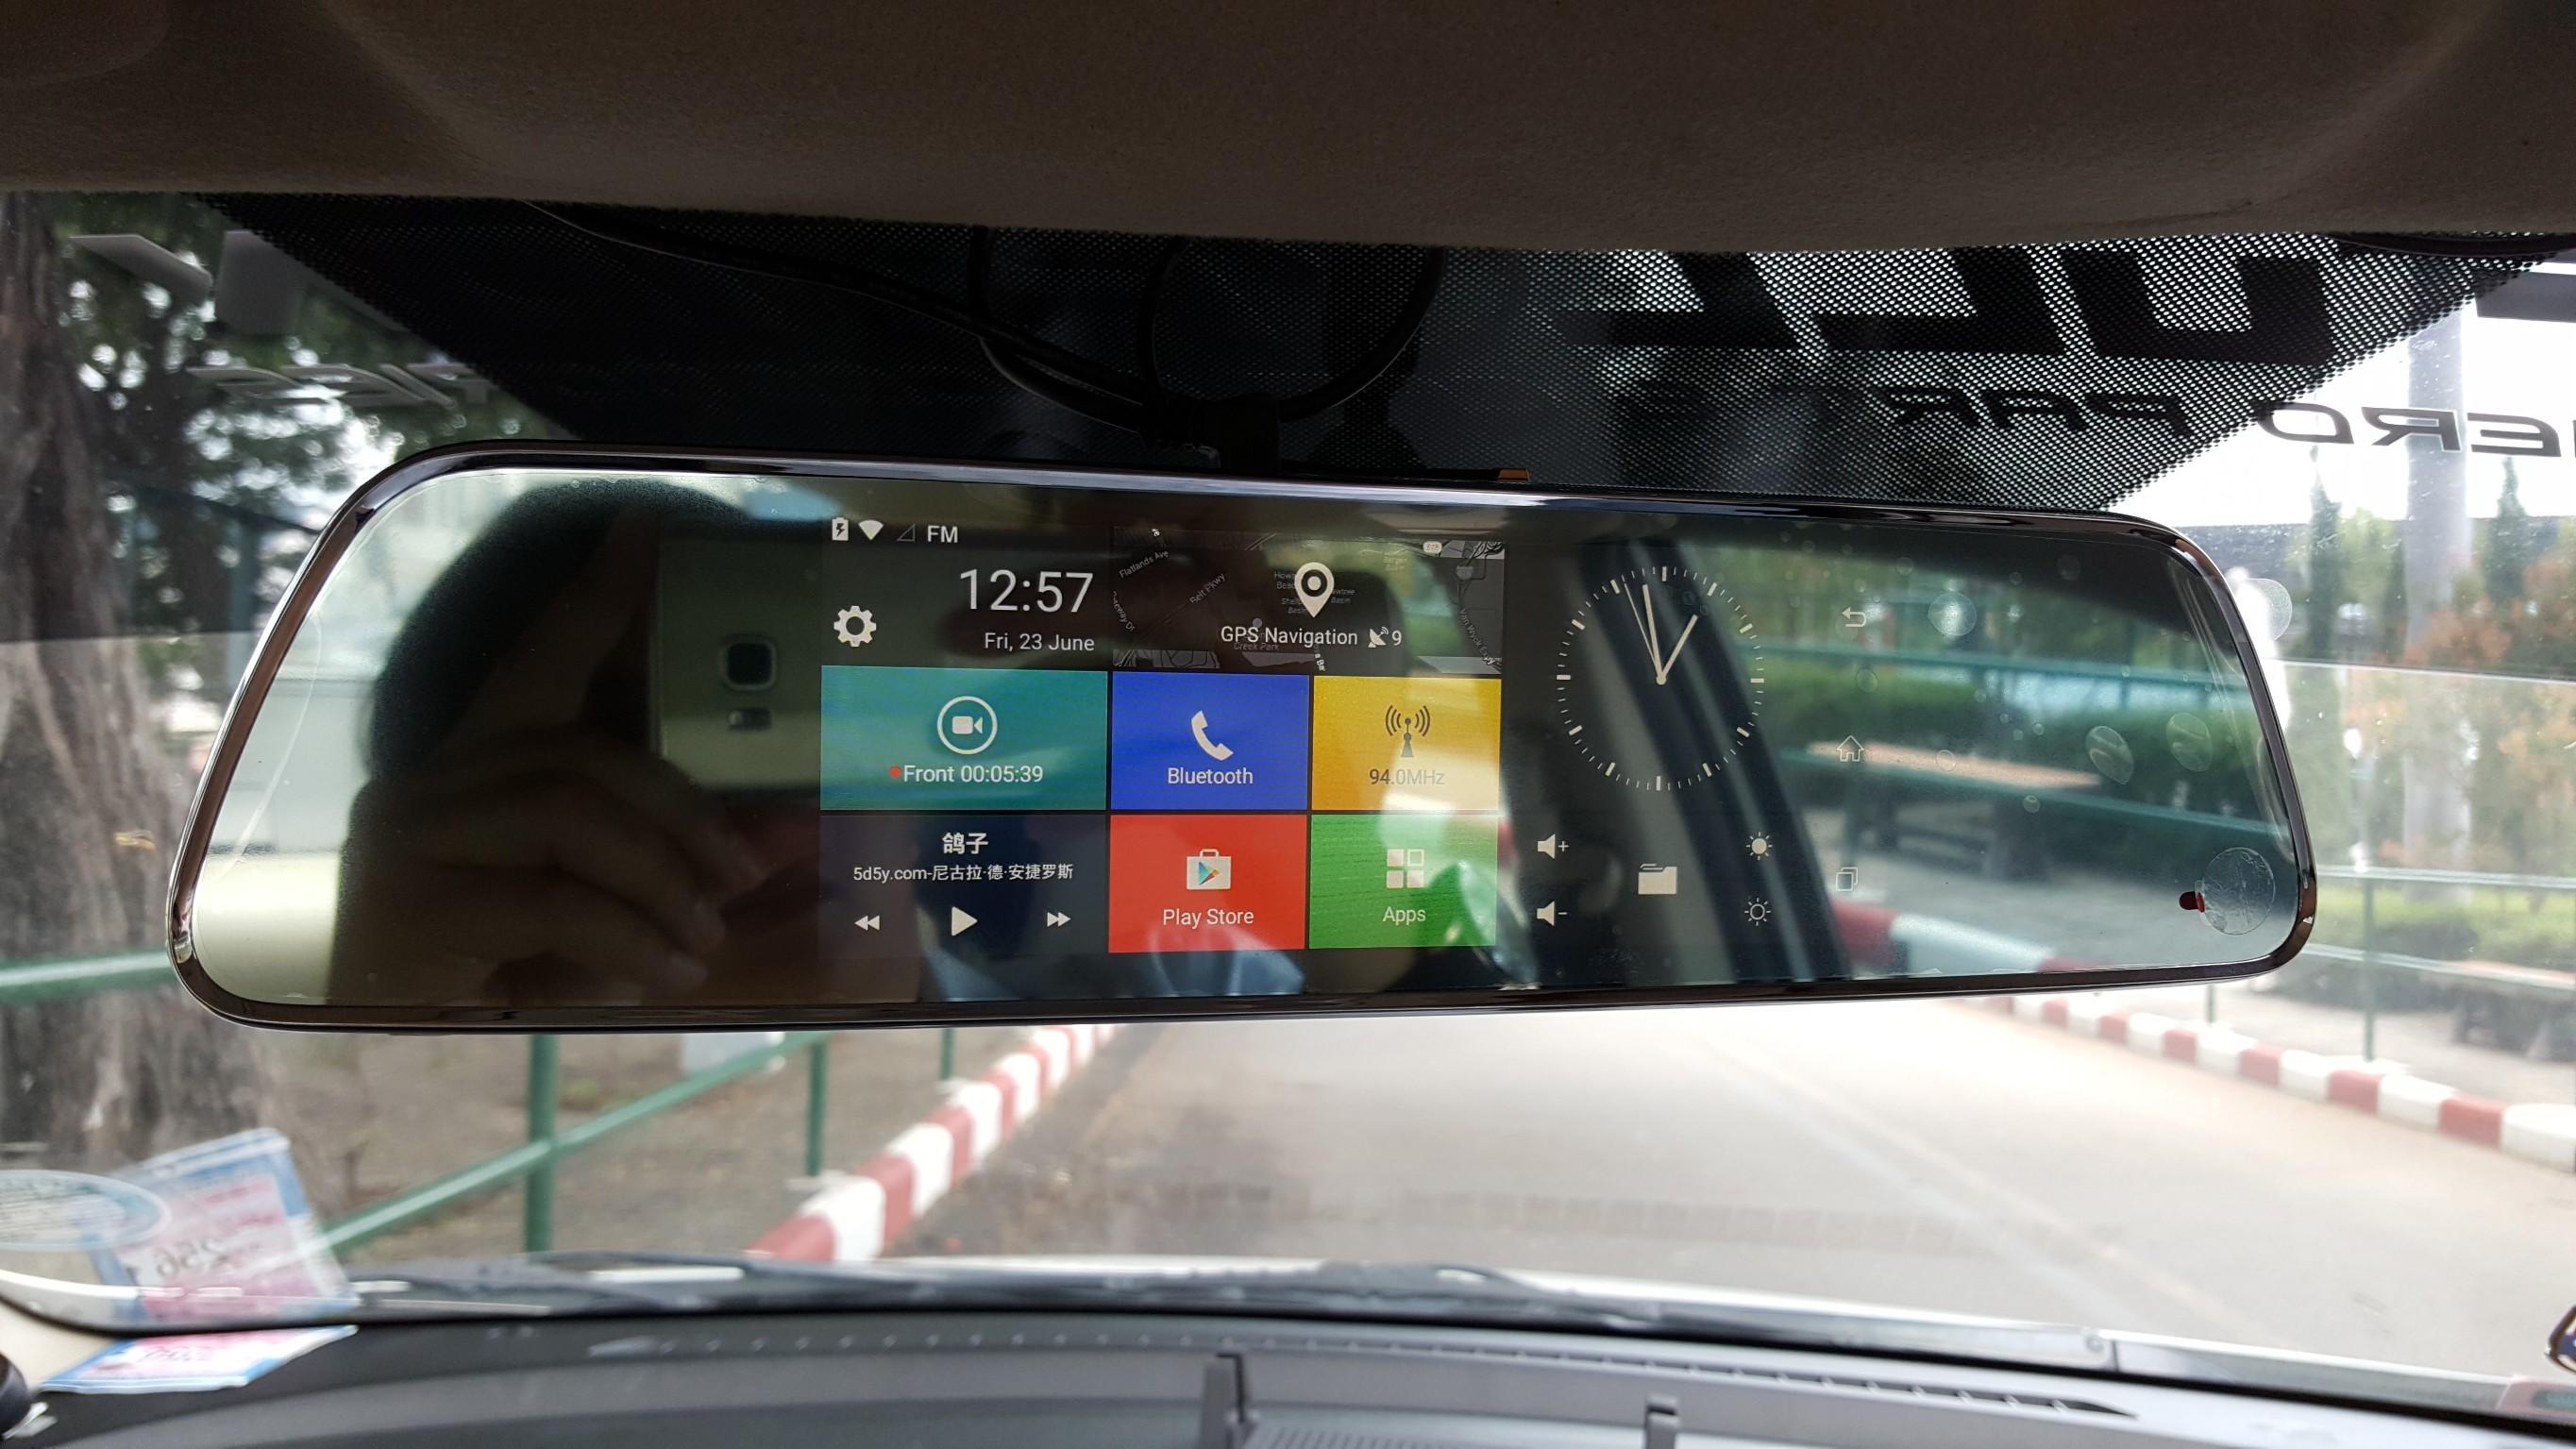 จอกระจก3G wifi_๑๗๐๖๒๕_0004